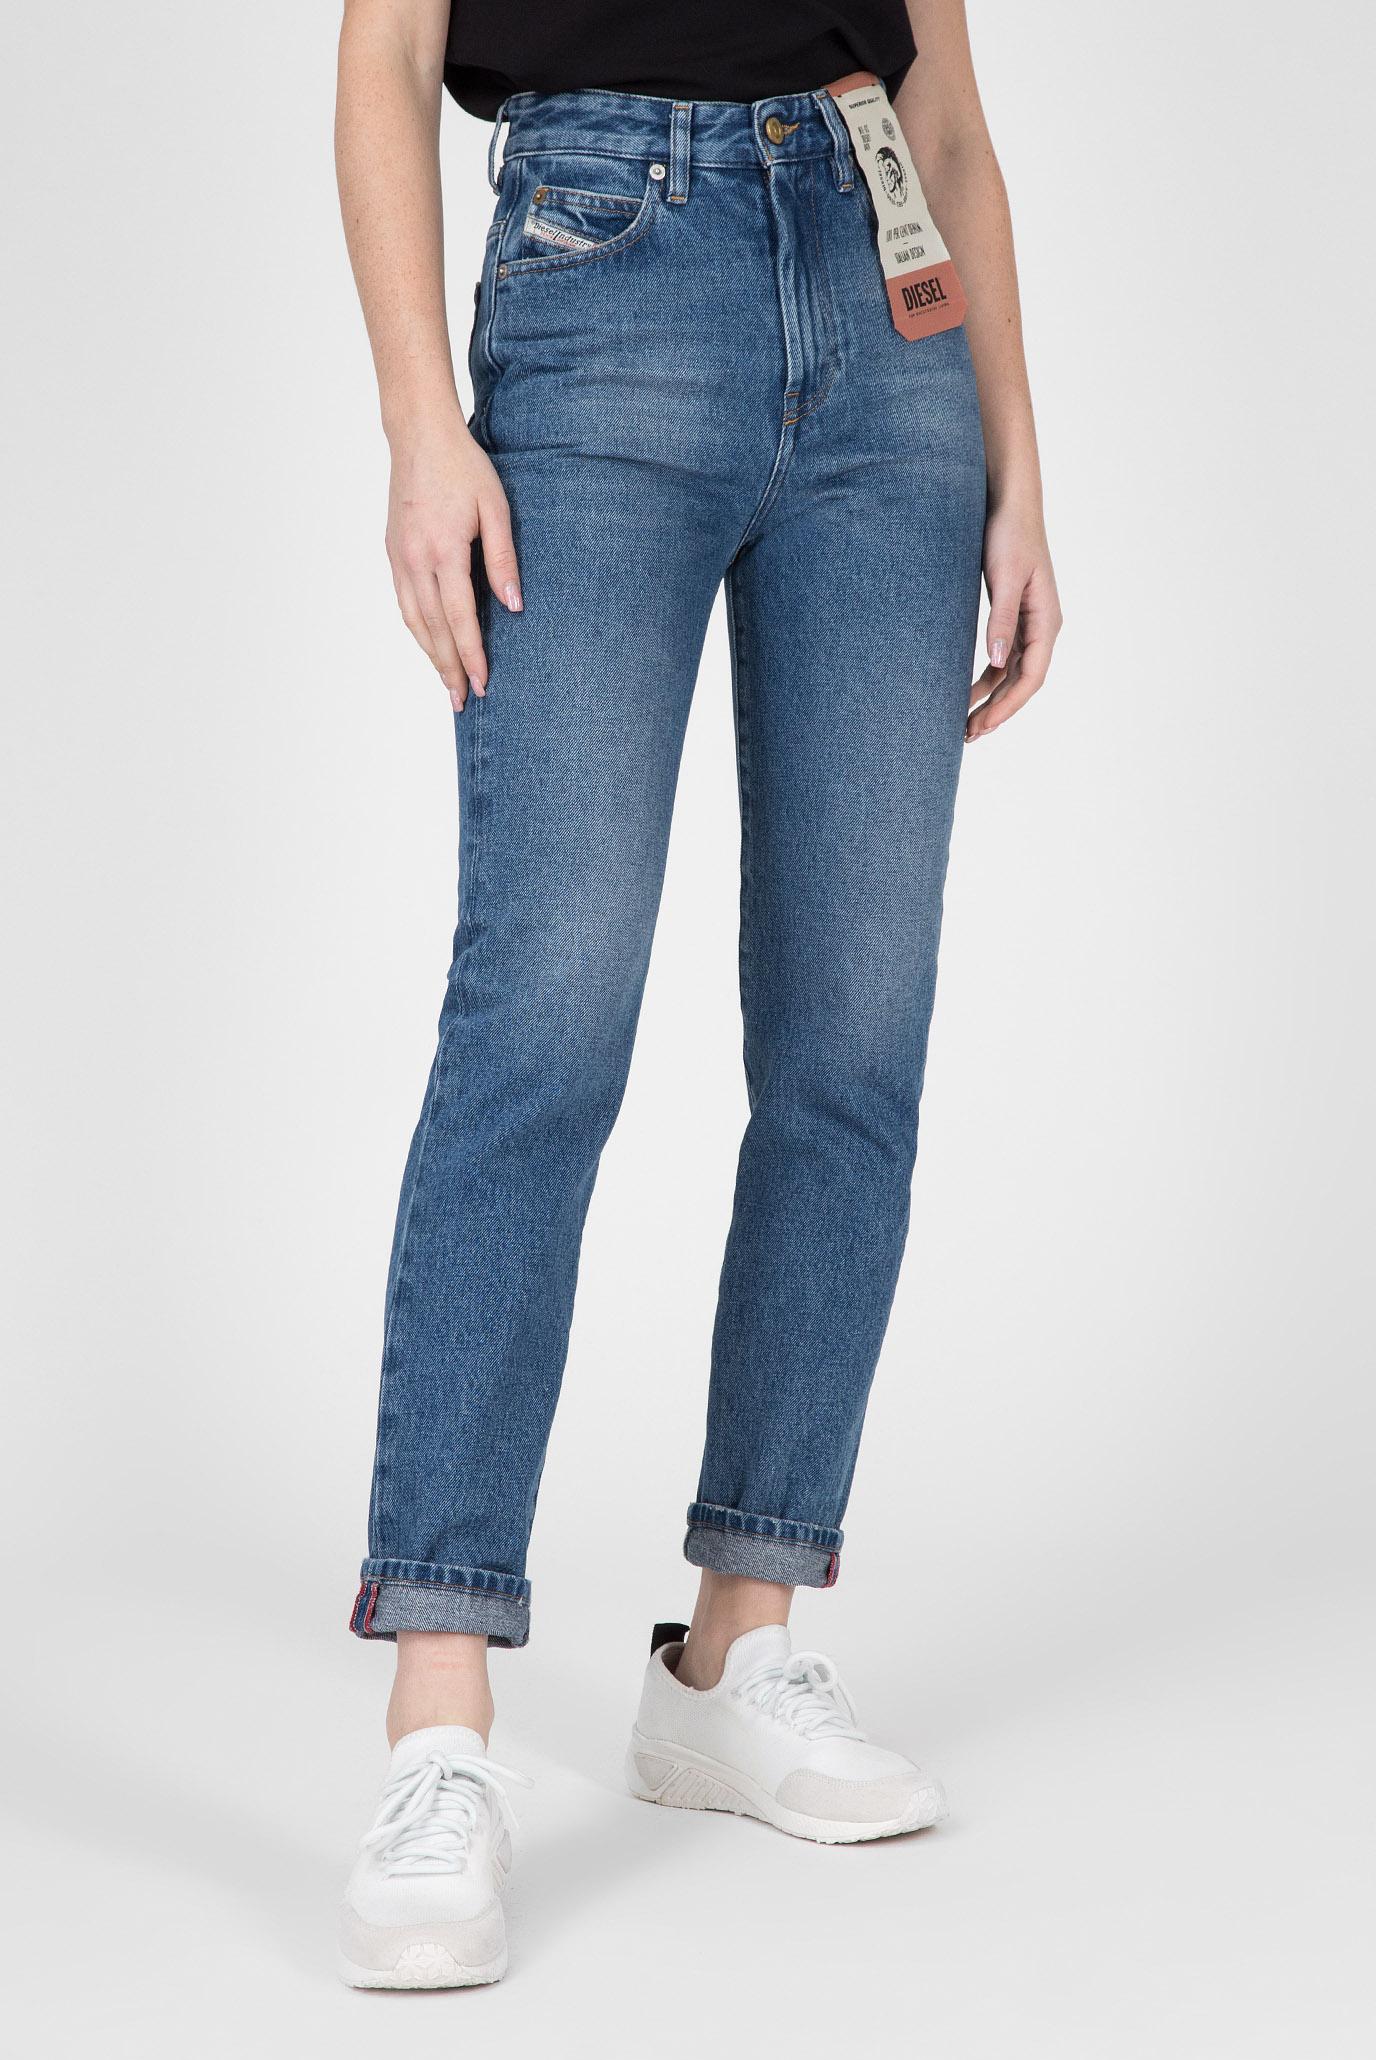 Купить Женские синие джинсы D-EISELLE Diesel Diesel 00SMNI 0076X – Киев, Украина. Цены в интернет магазине MD Fashion